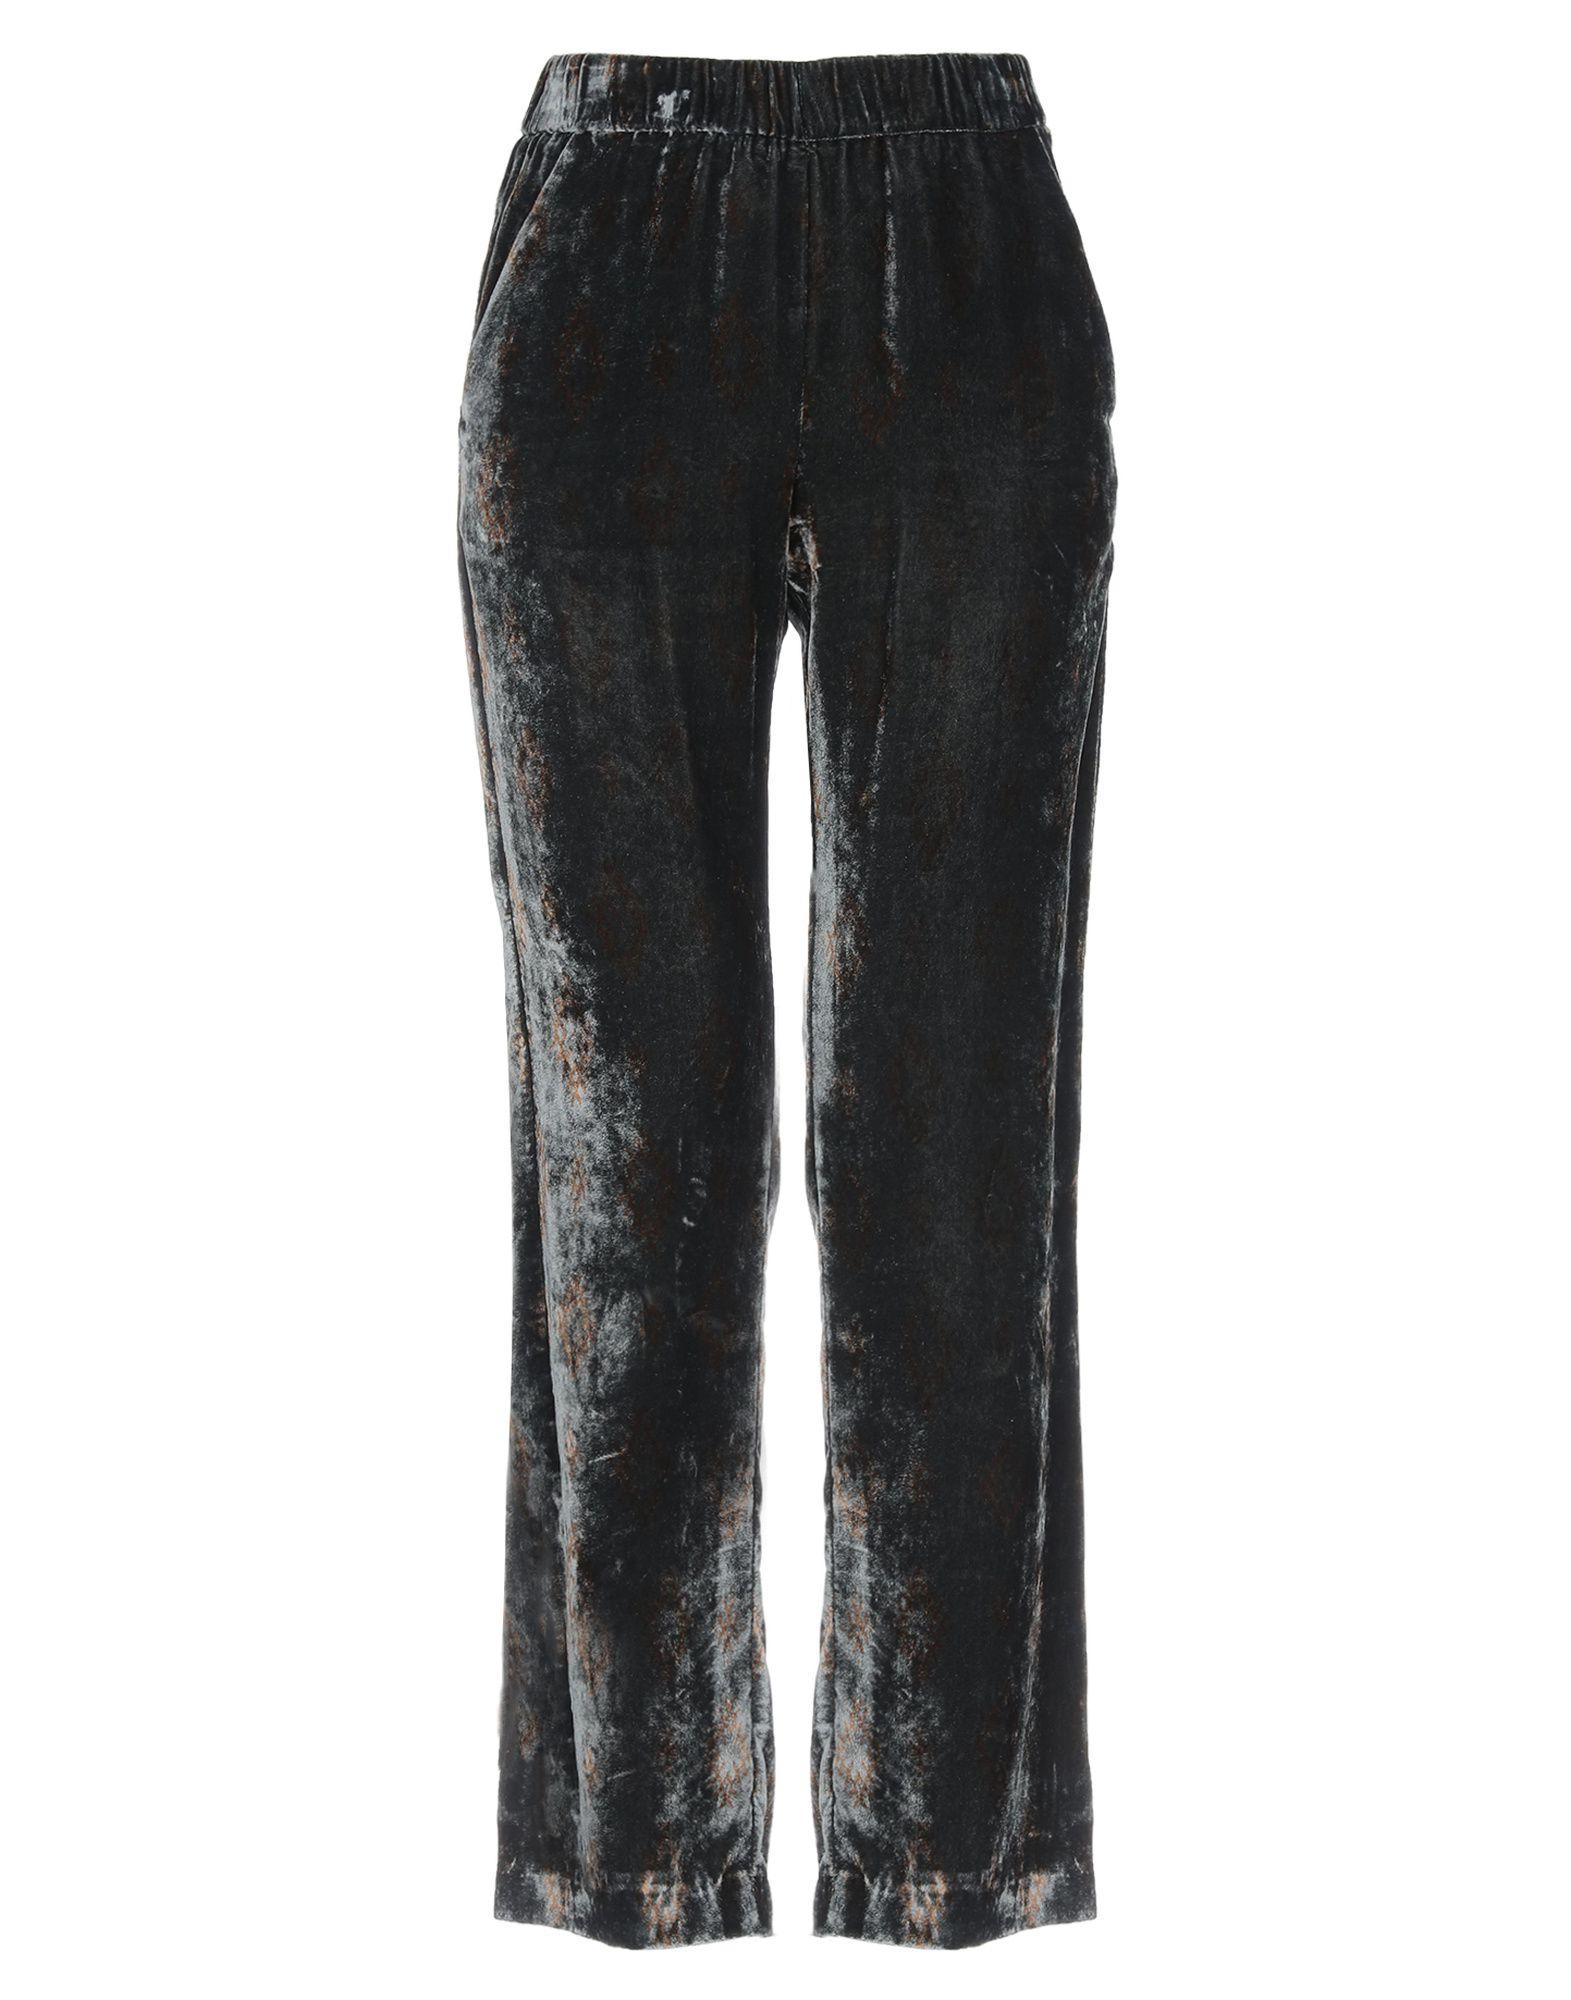 Pantalone Diega damen - 13327476UB